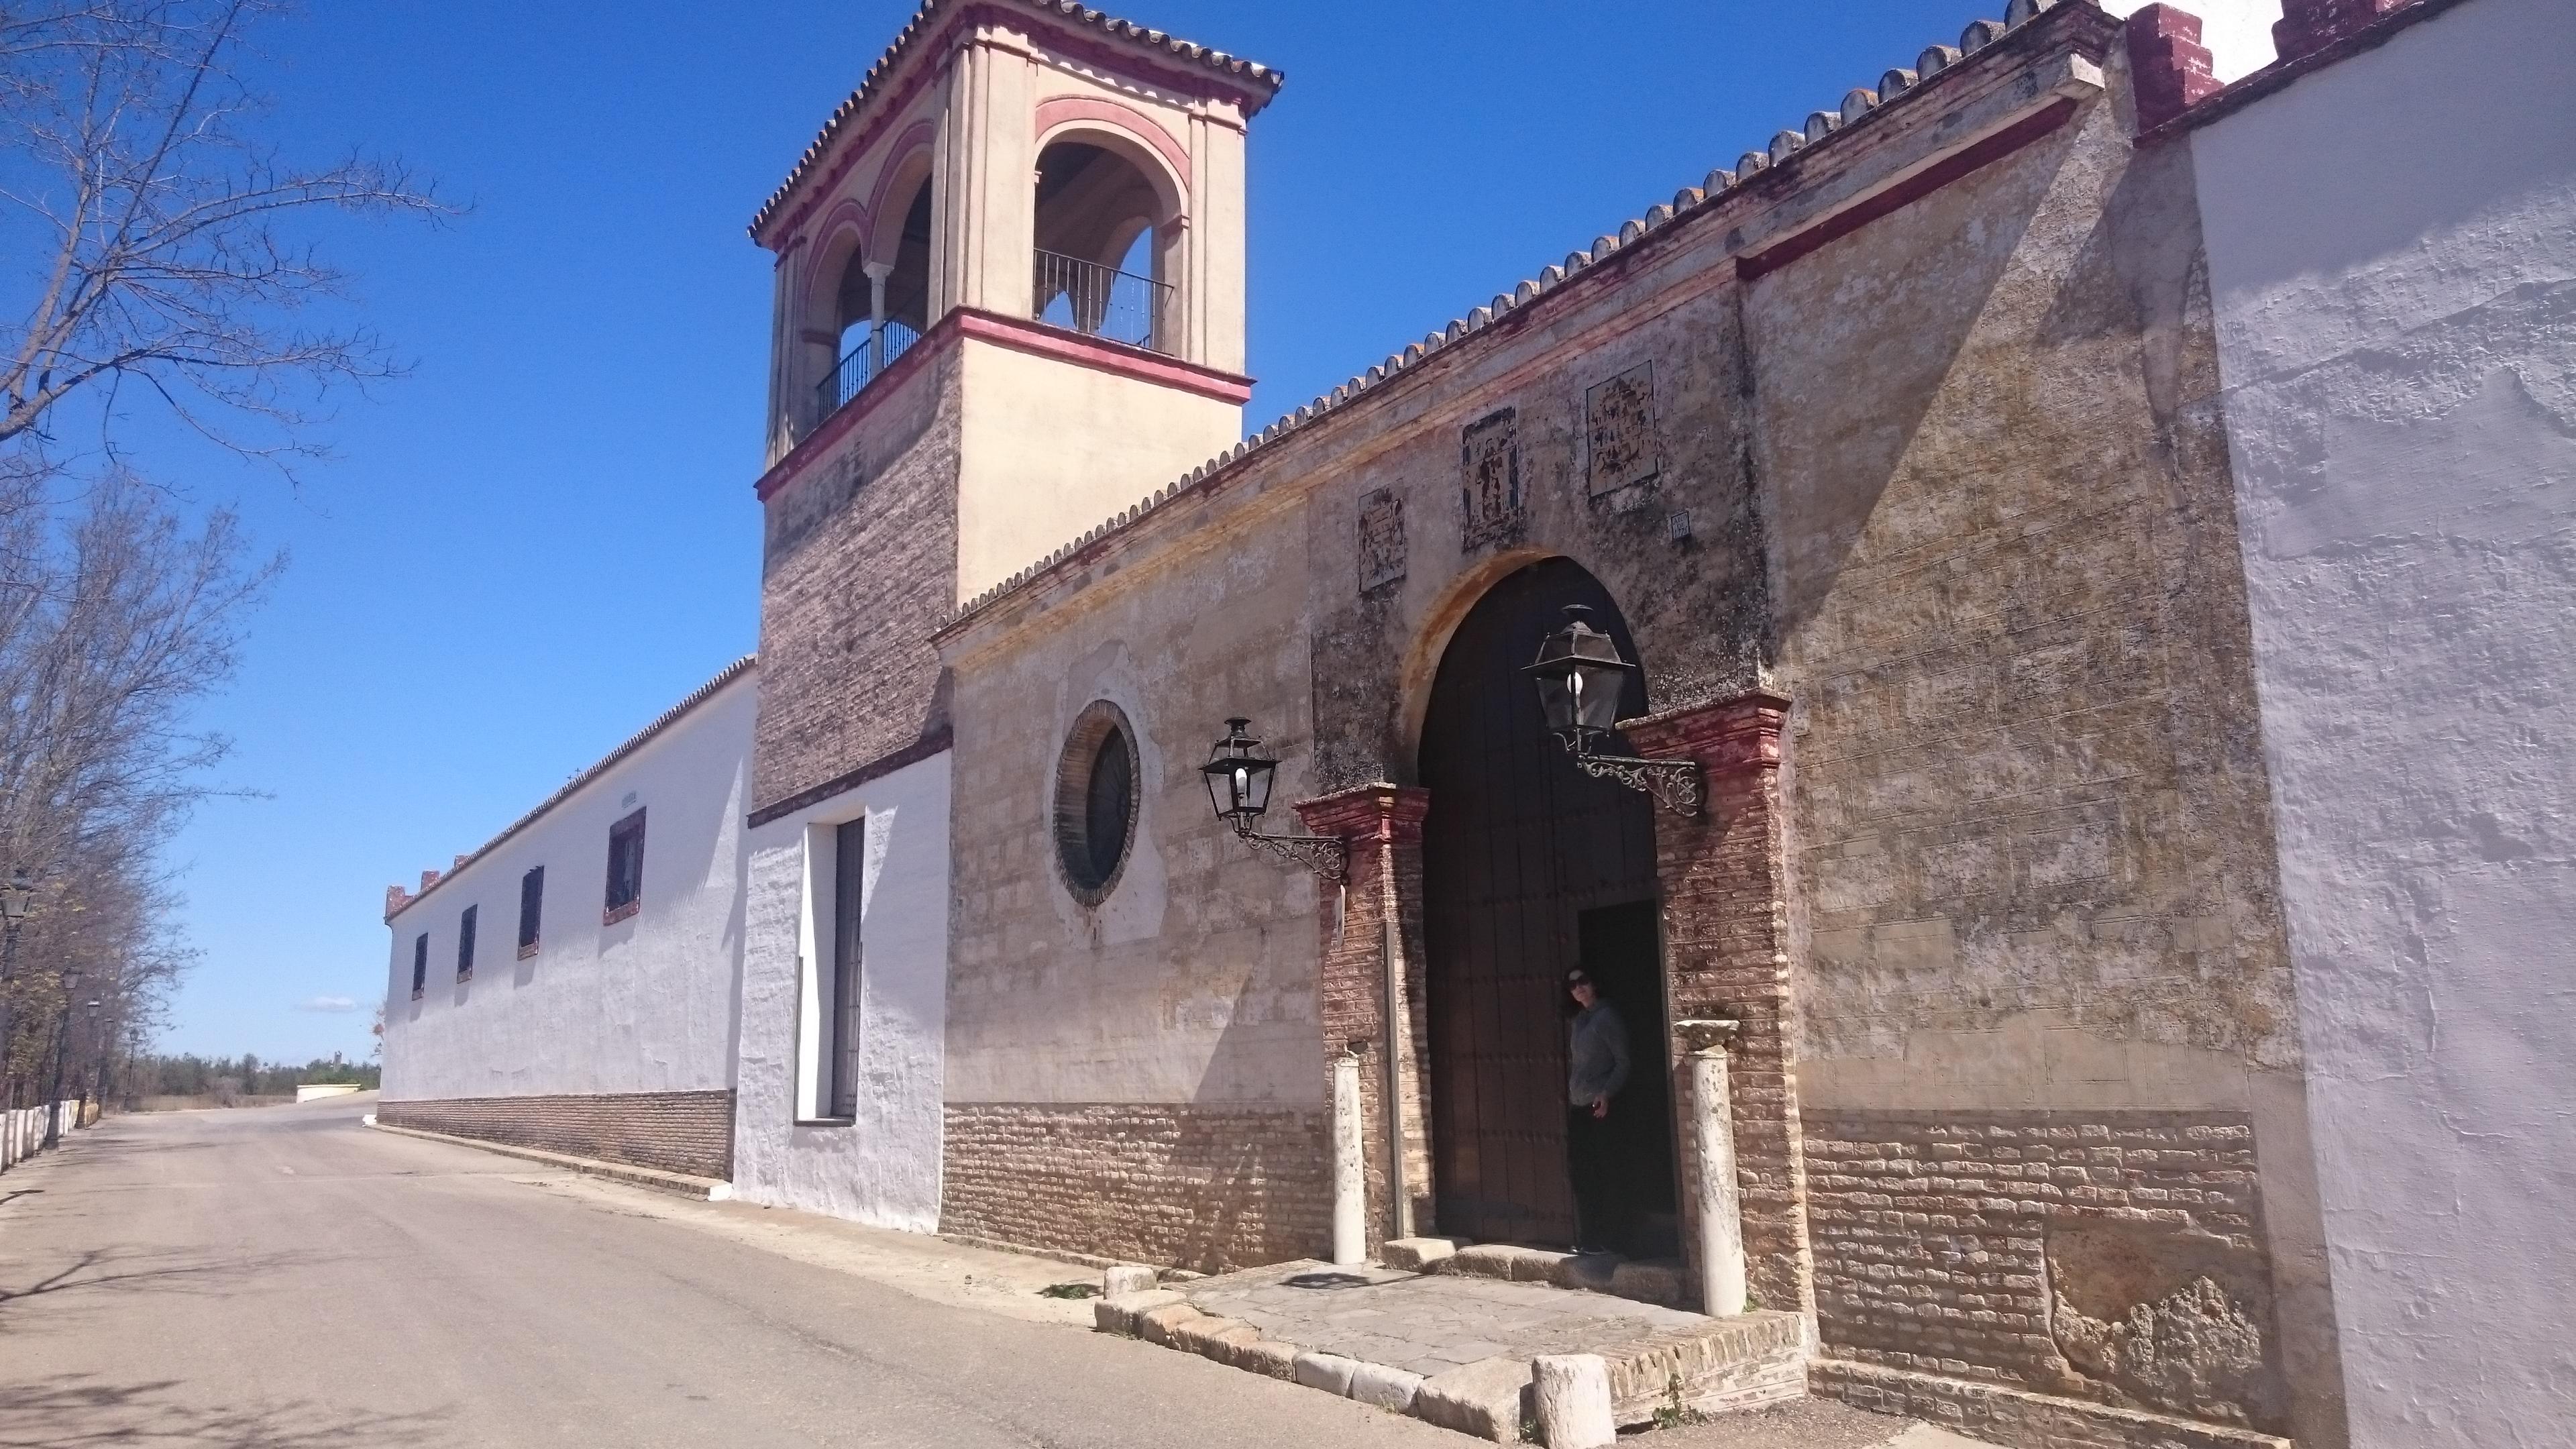 Archivo:Hacienda de Ntra. Sra. del Loreto. Casa Solariega de los ...